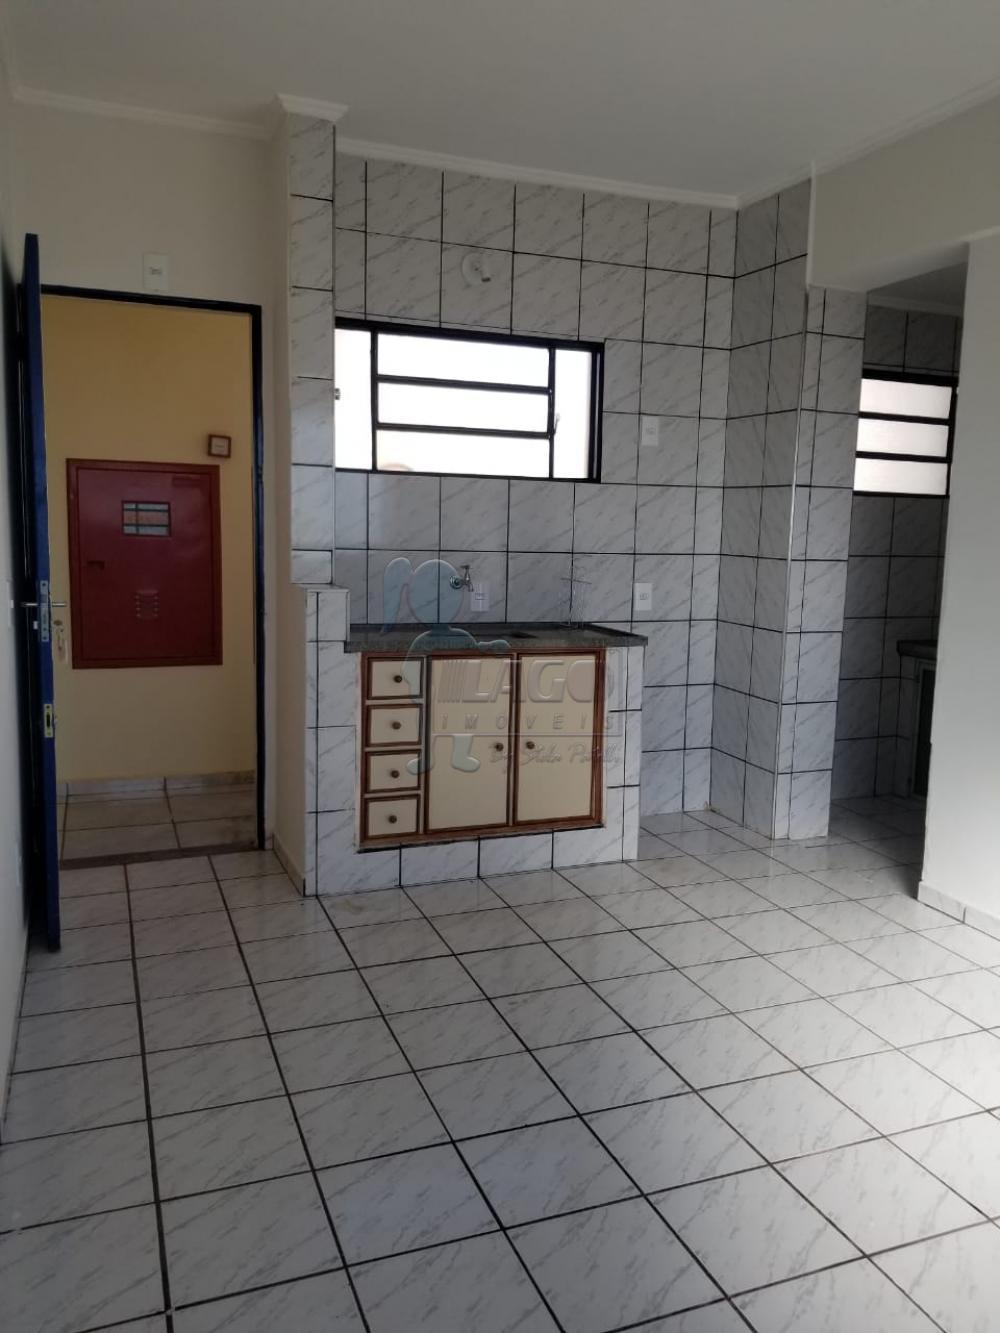 Alugar Apartamento / Padrão em Ribeirão Preto apenas R$ 700,00 - Foto 11